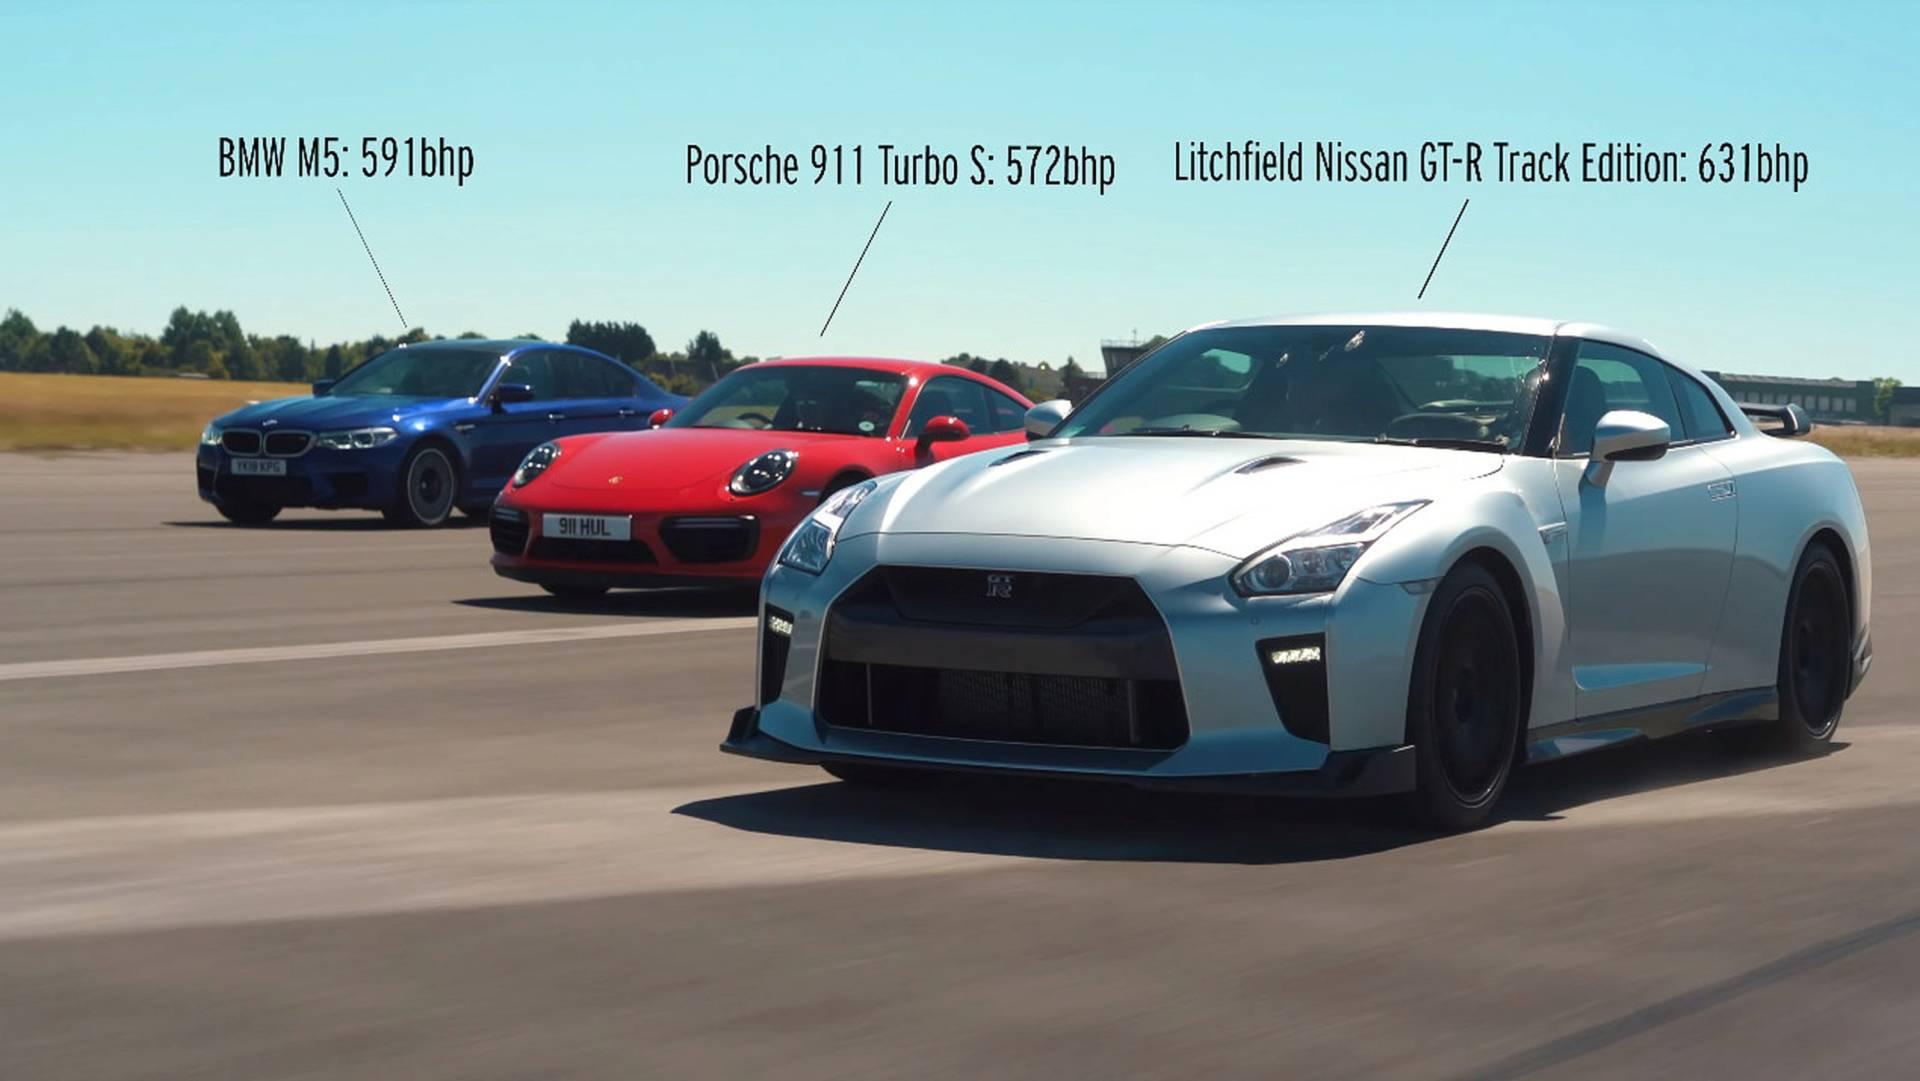 litchfield-nissan-gt-r-vs-bmw-m5-vs-porsche-911-turbo-s-drag-race